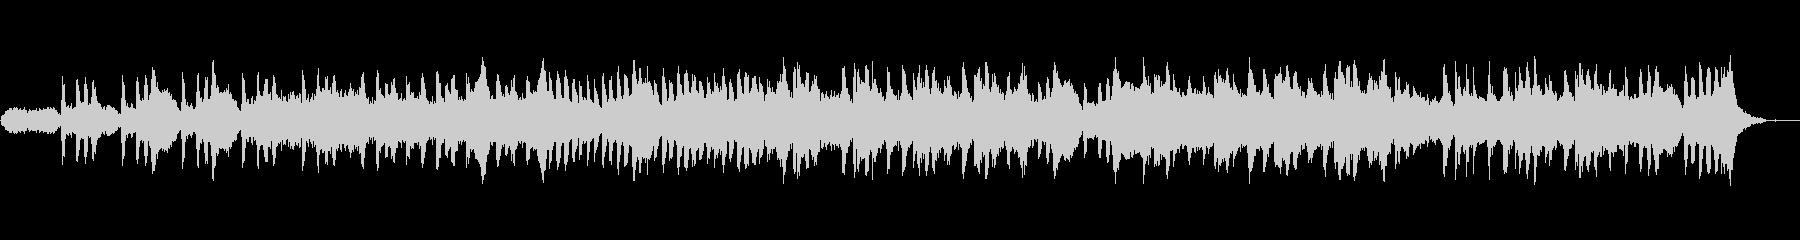 ★シンセサイザーとピアノの神秘的BGMの未再生の波形